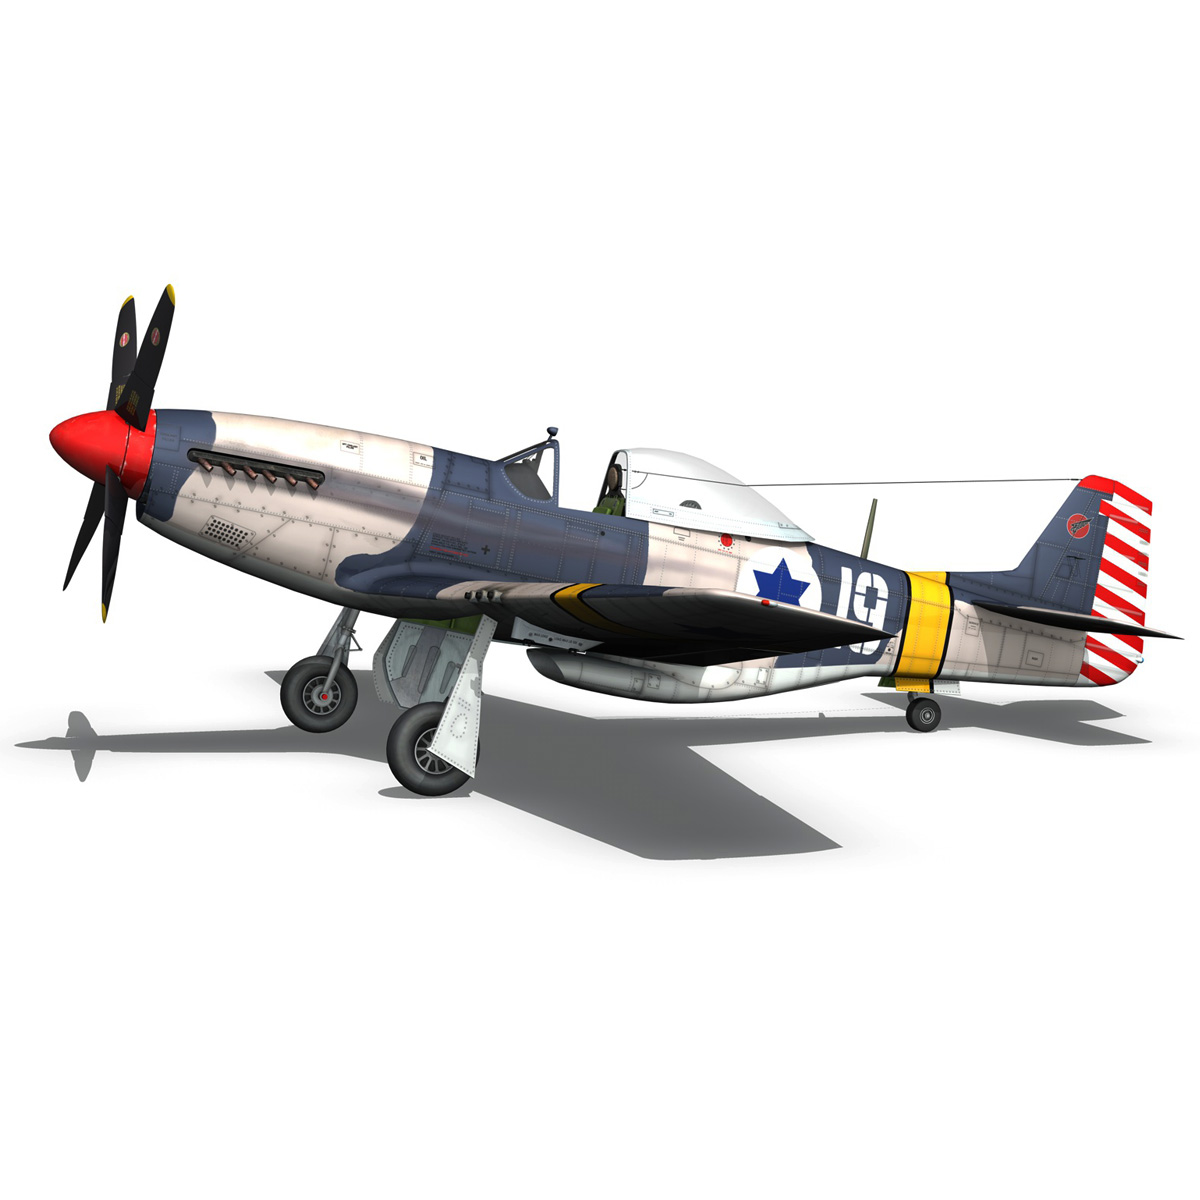 North American P-51D Mustang - IDF 3d model fbx c4d lwo lws lw obj 273317